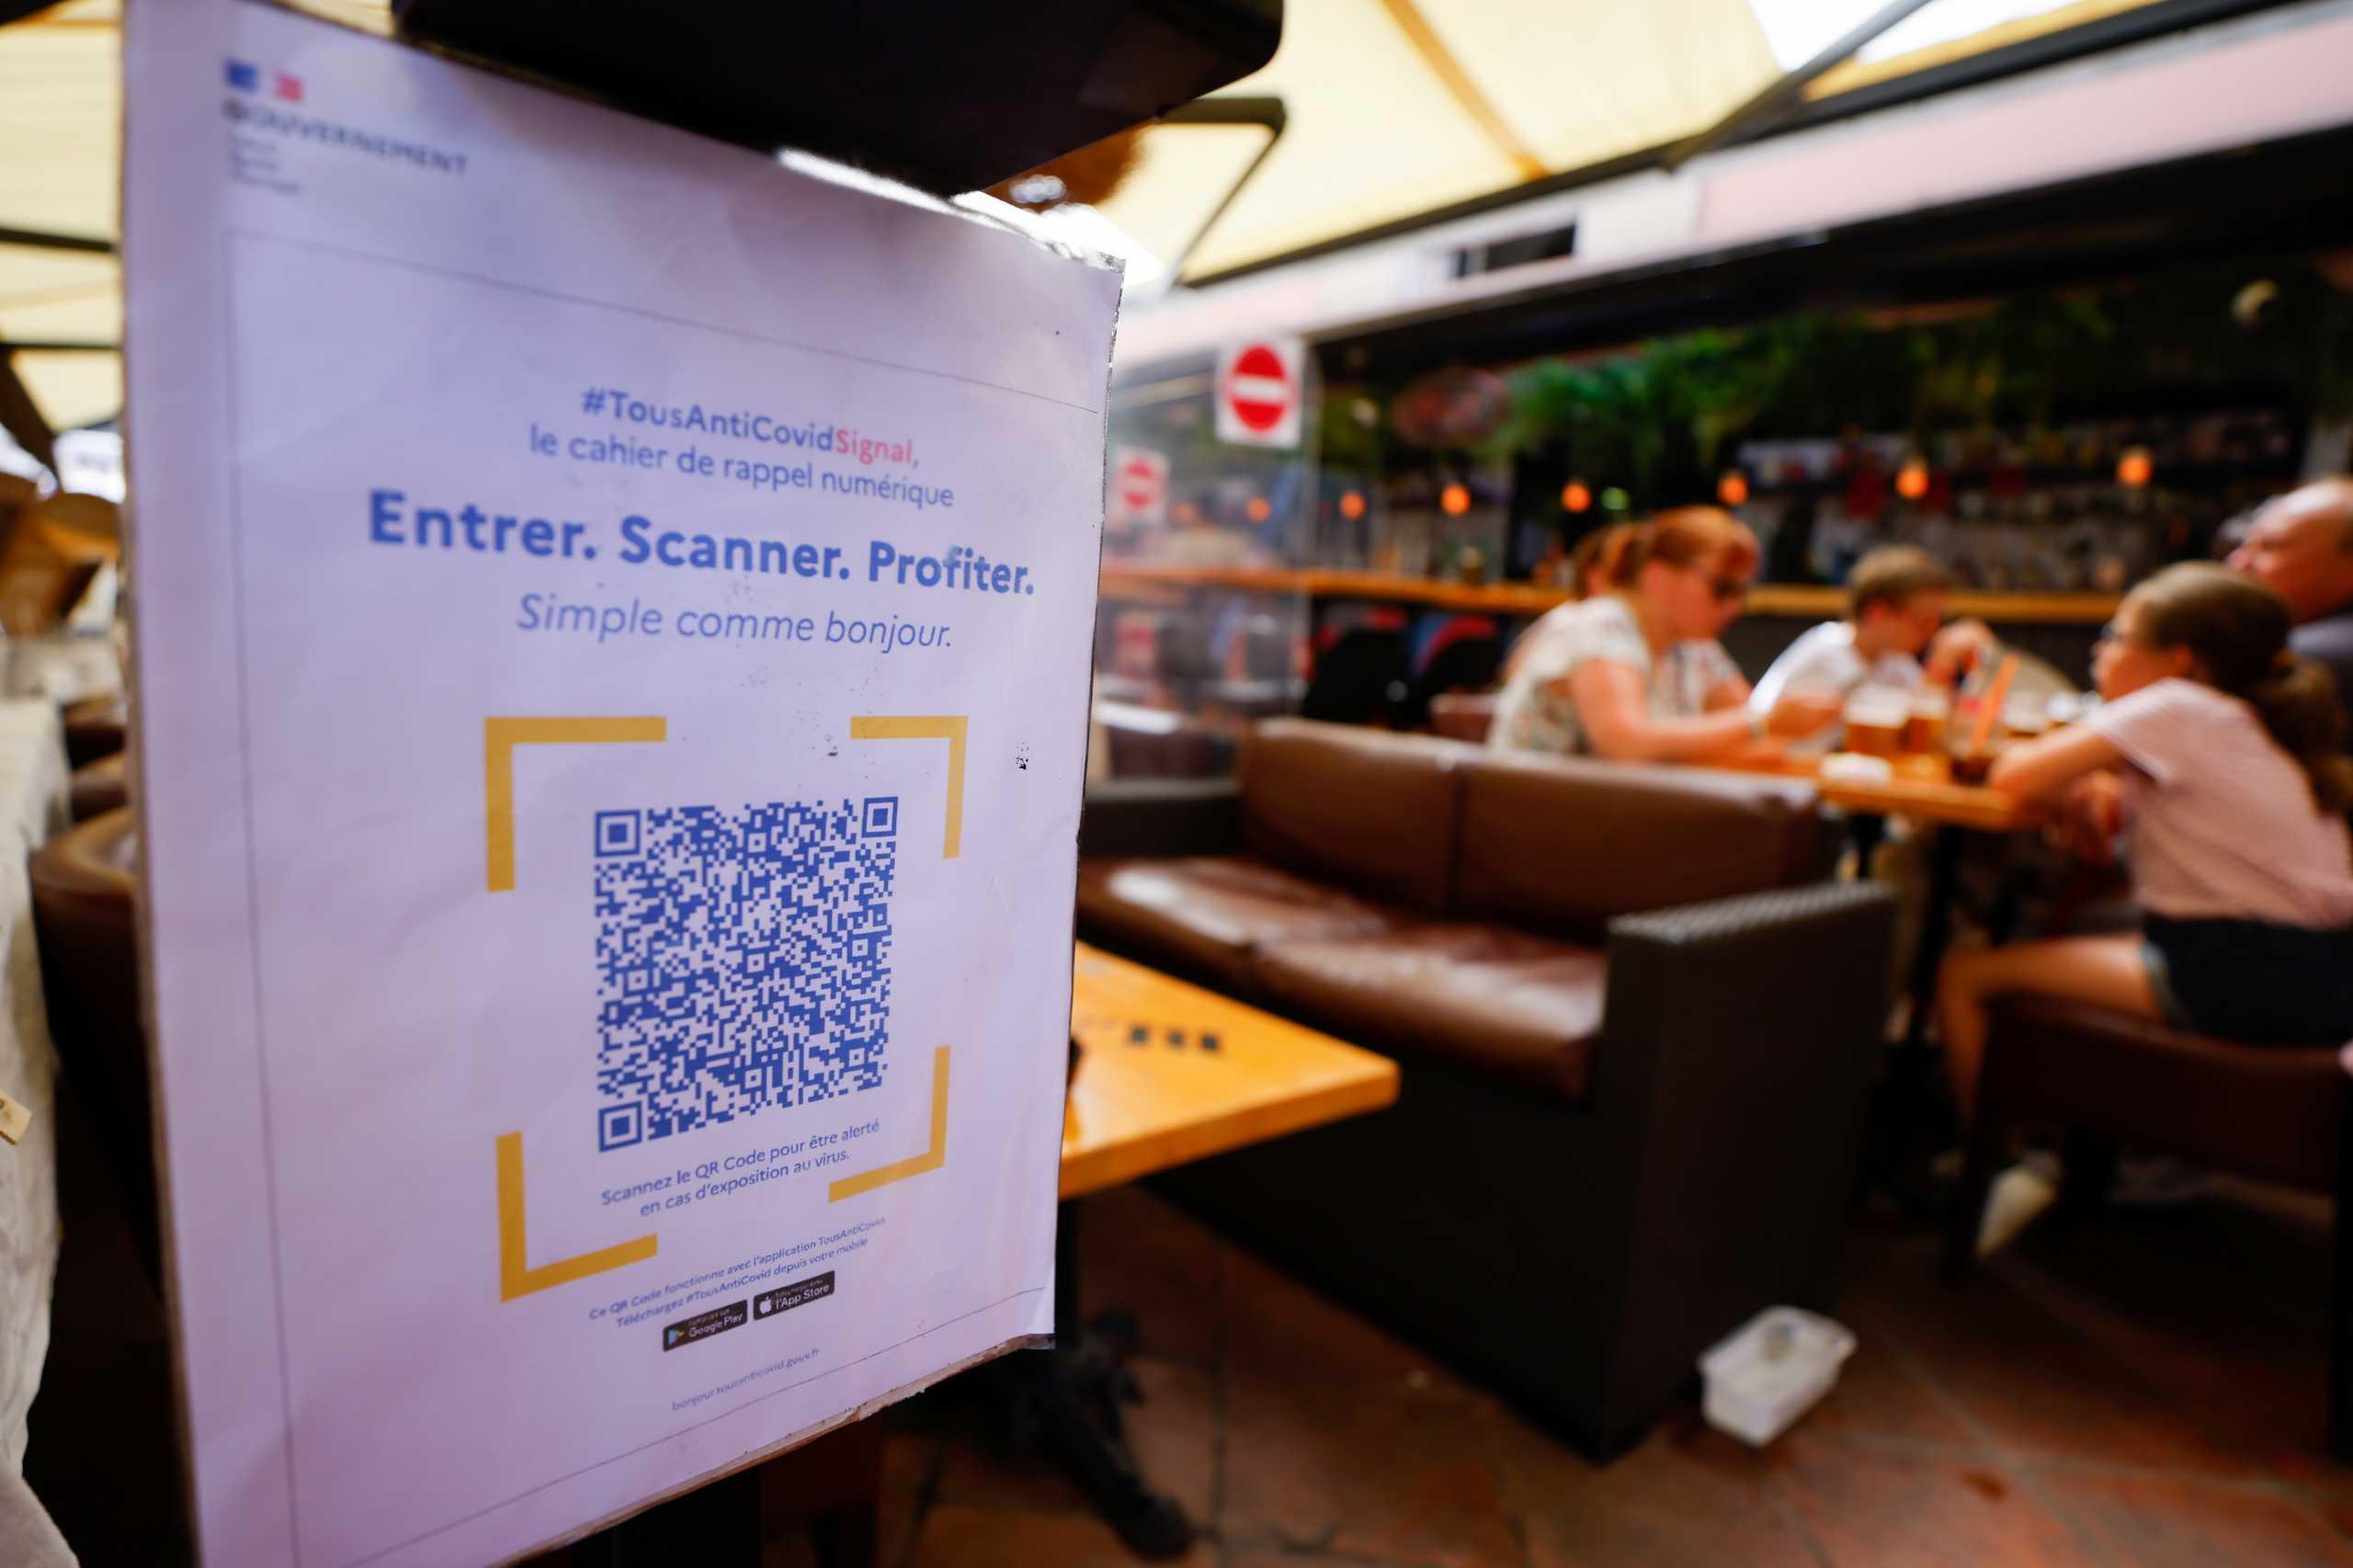 Γαλλία: Η επίδειξη covid-free πάσου στην είσοδο εμπορικών κέντρων μπορεί να χαλαρώσει